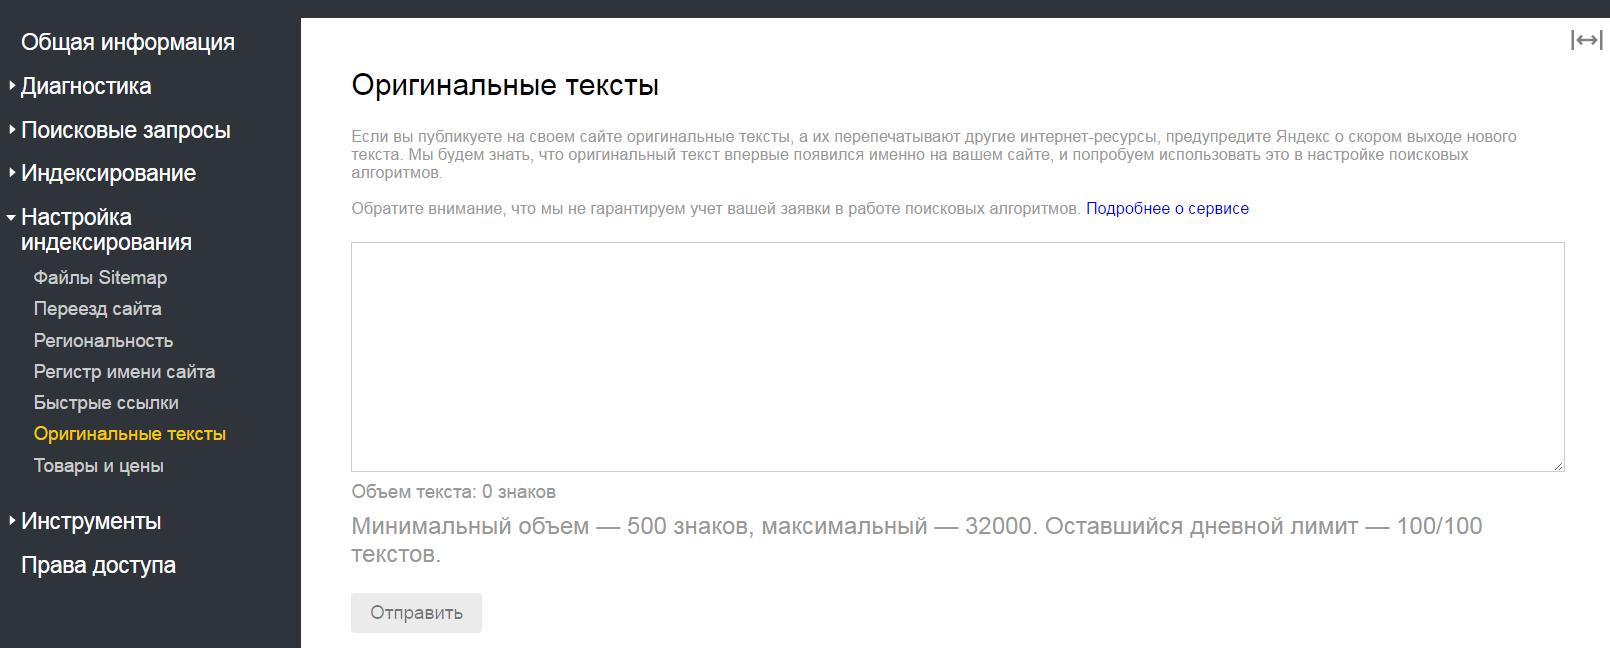 сколько времени занимает переезд сайта в вебмастере